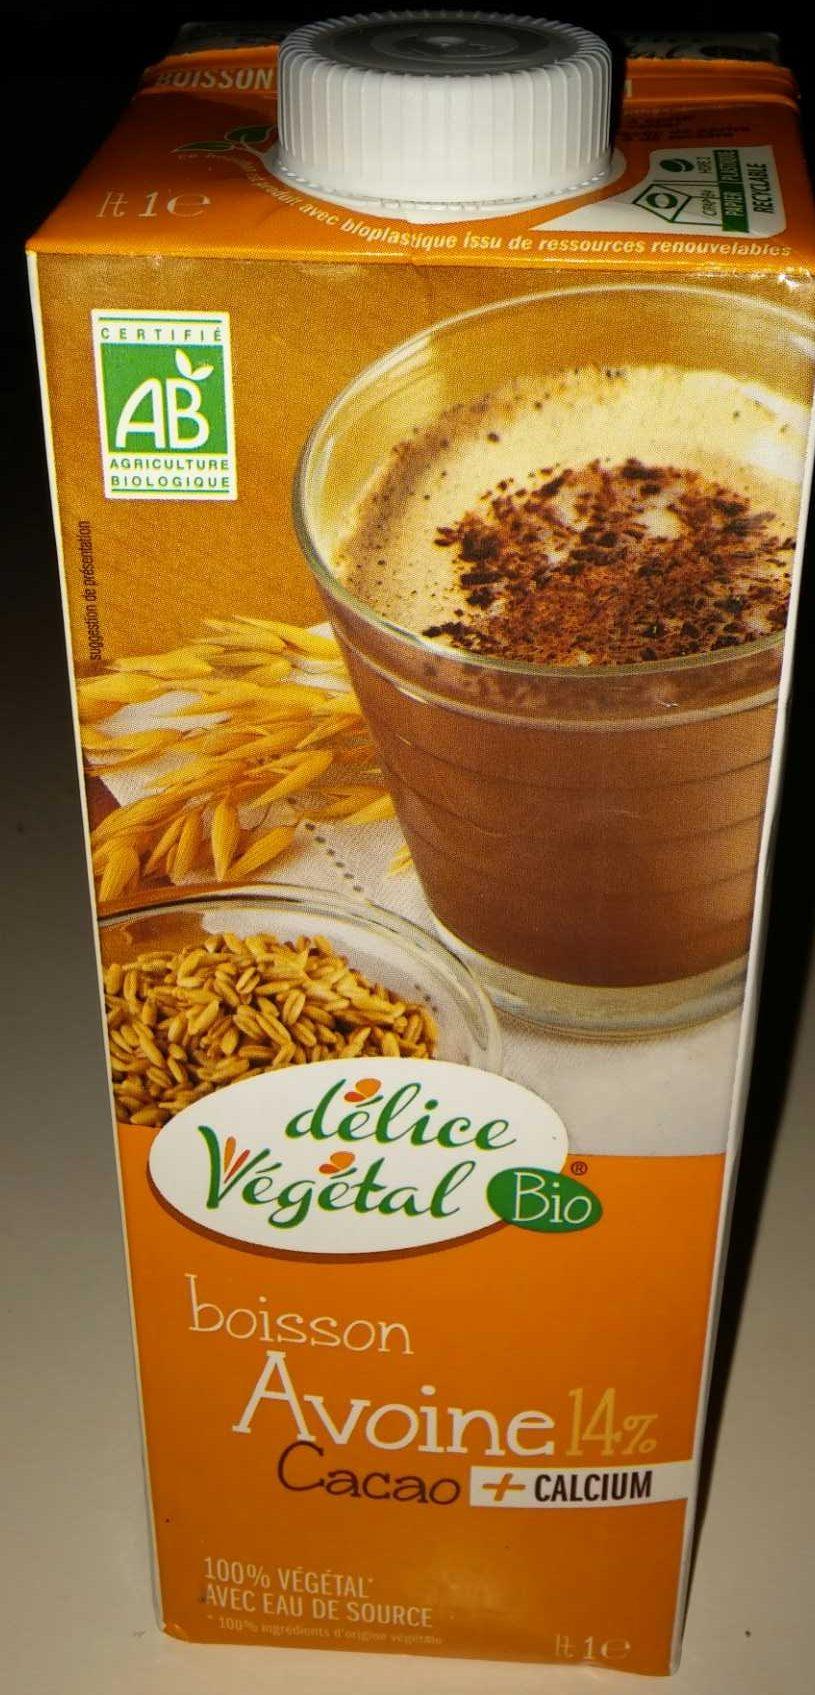 Boisson Avoine 14 % cacao - Produit - fr